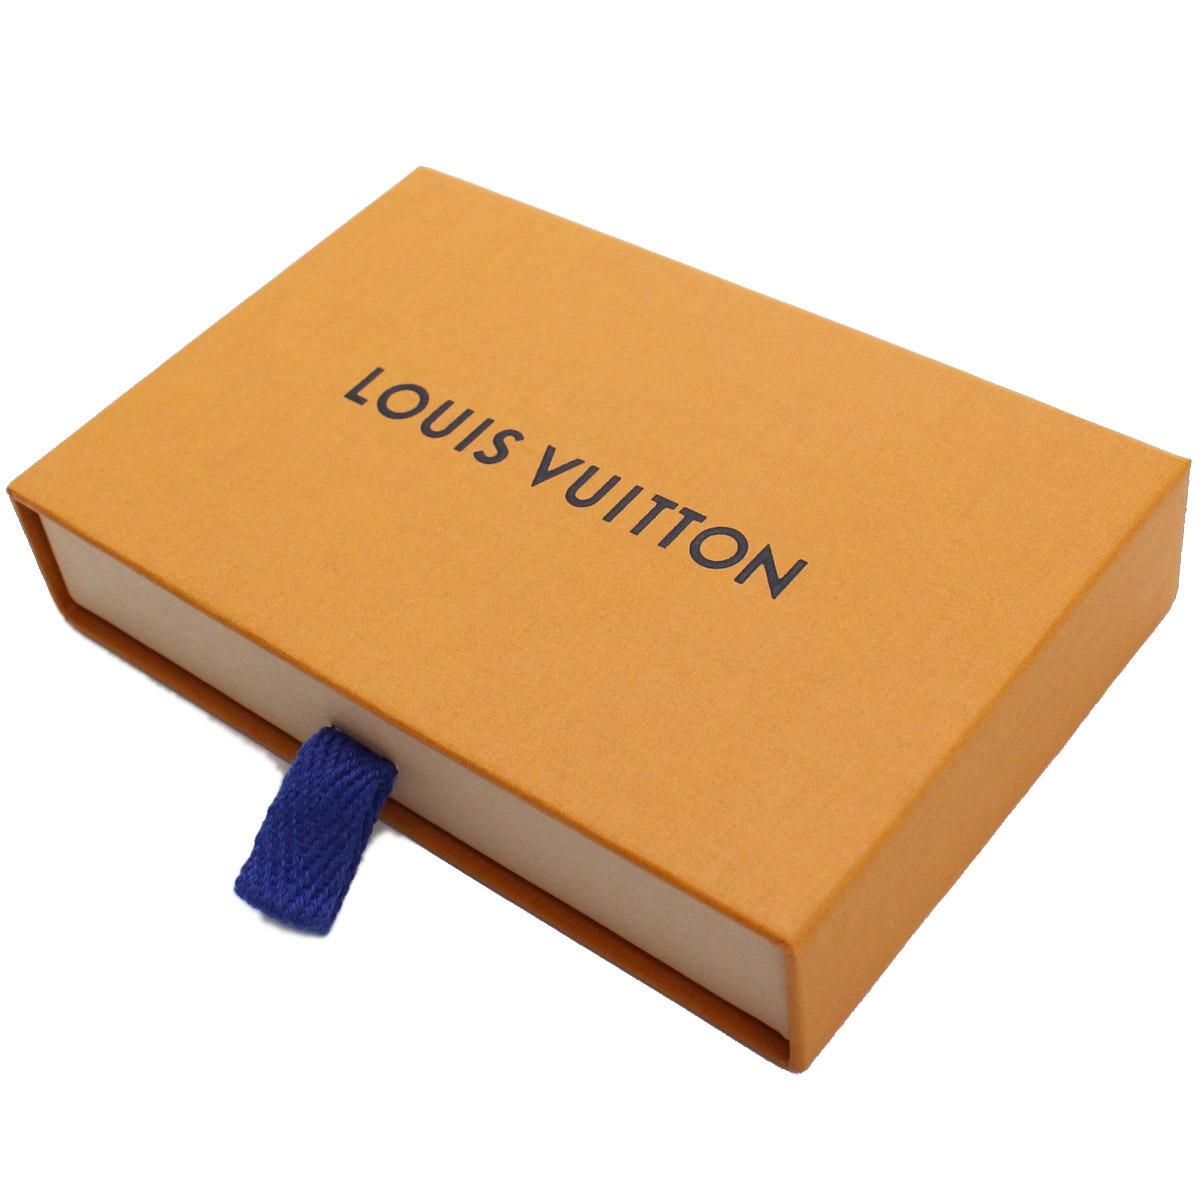 ルイ ヴィトン LOUIS VUITTON ブレスレット M63107 シルバー系 ブラック メンズNmnw80